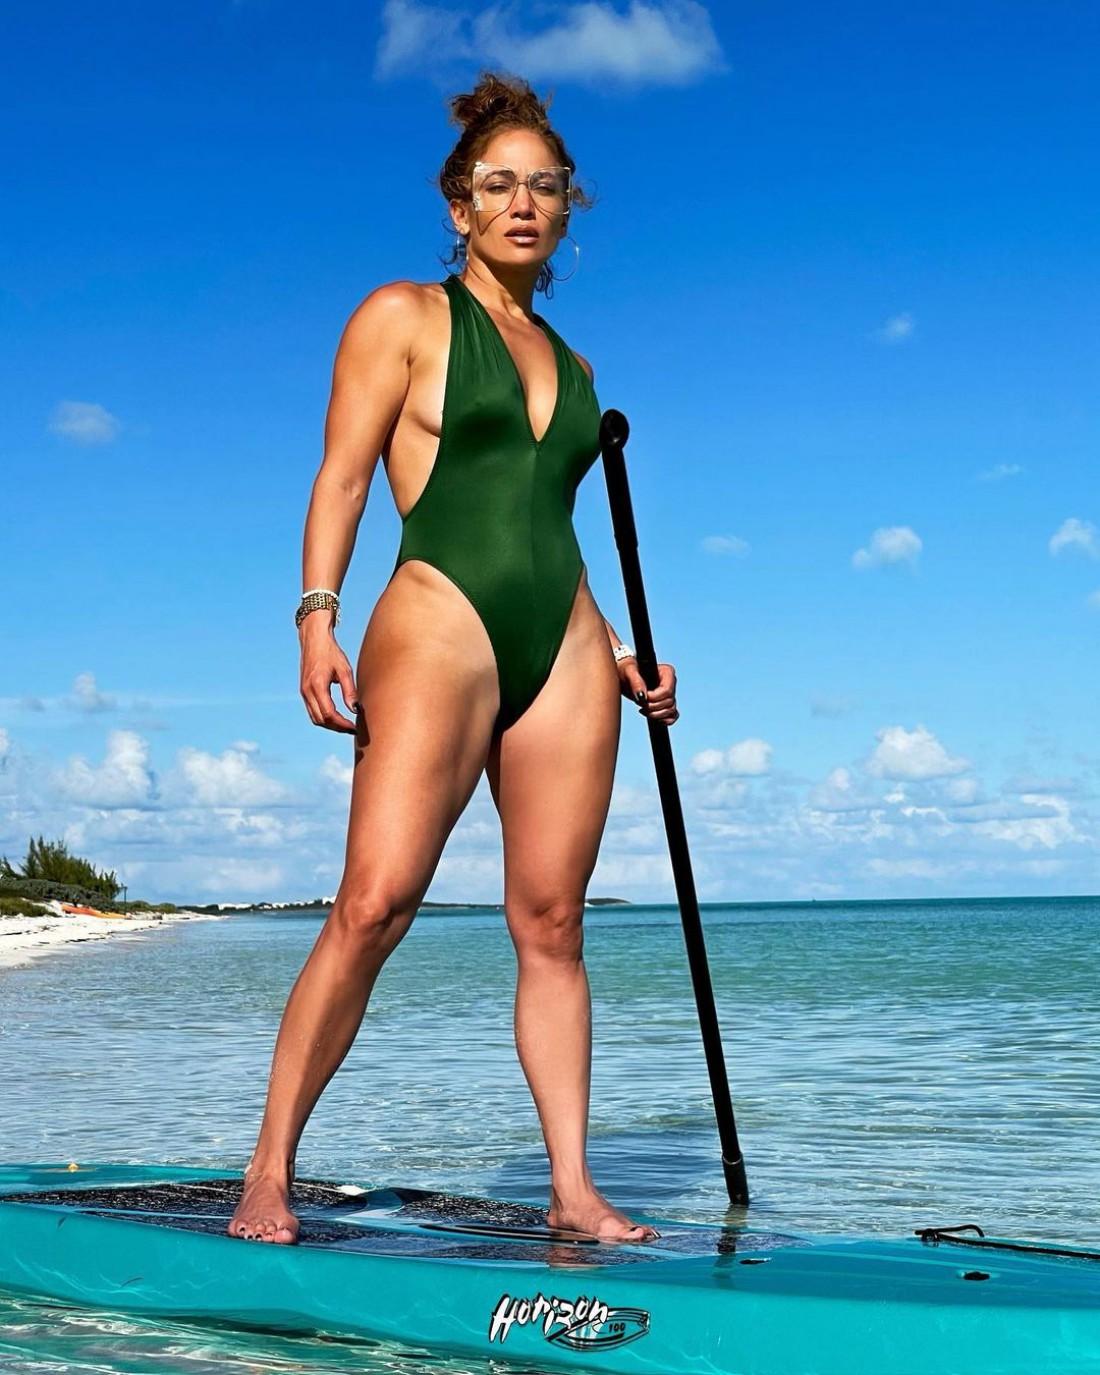 Дженнифер Лопес похвасталась безупречной фигурой в купальнике